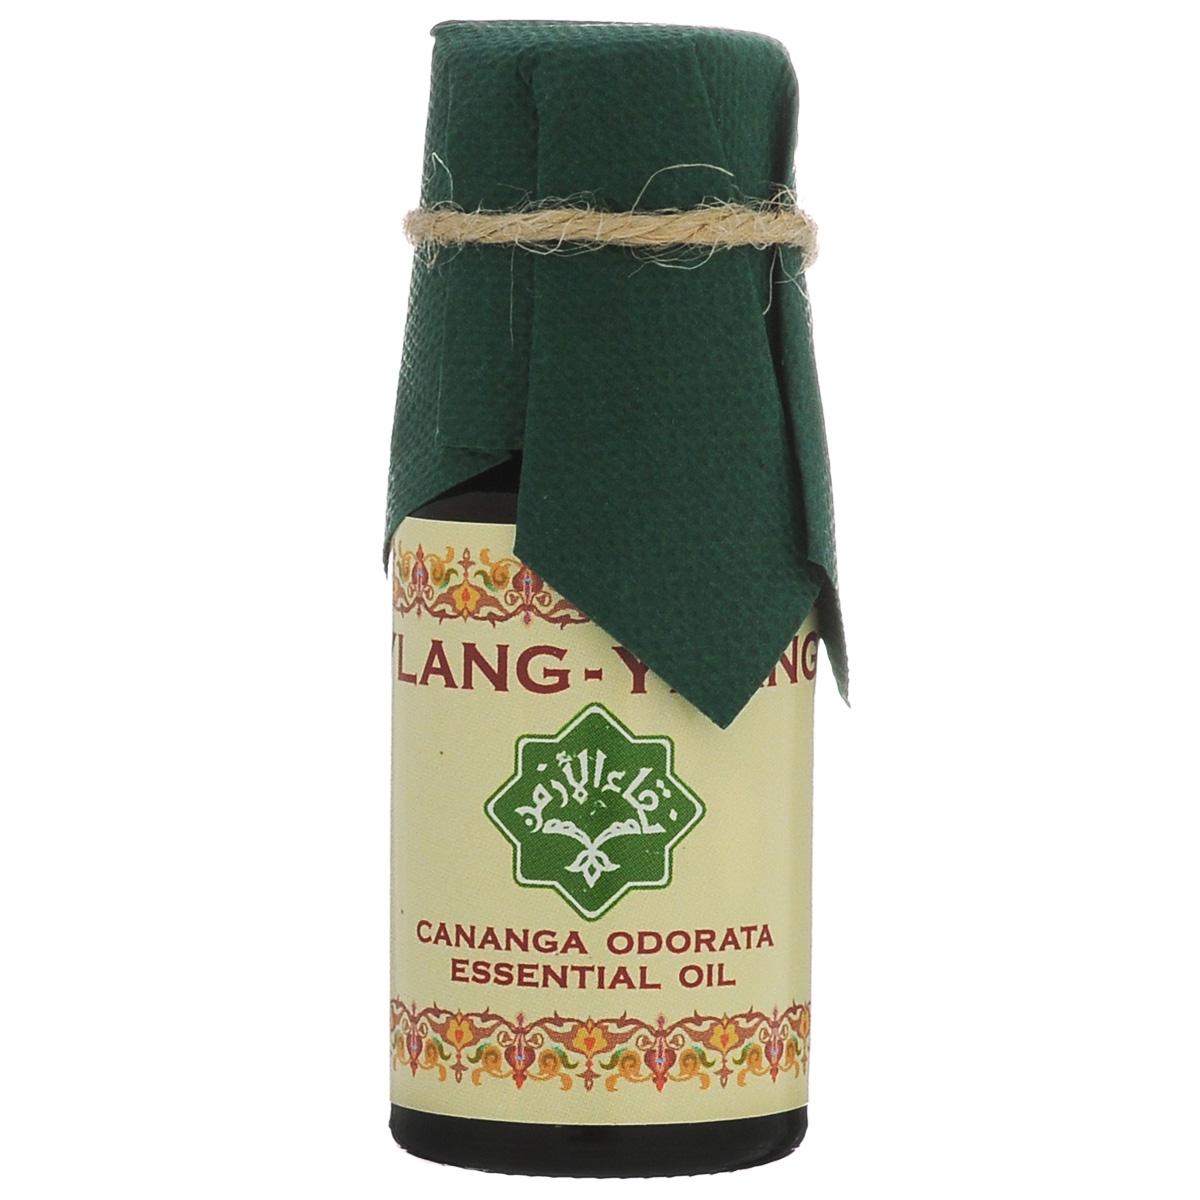 Зейтун Эфирное масло Иланг-иланг, 10 млZ3615Абсолютно чистое, 100% натуральное эфирное масло Иланг-Иланга, произведенное в соответствии со стандартом европейской фармакопеи; по своим качествам и свойствам значительно превосходит дешевые аналоги. Применение в ароматерапии: Эфирное масло иланг-иланга имеет ярко выраженное успокаивающее и расслабляющее действие. Рекомендуется при утомлении, беспокойстве, бессоннице. Традиционный афродизиак, средство для возбуждения полового влечения, применяется при фригидности, половом бессилии. Регулирует уровень адреналина, прекрасно разряжает эмоциональное напряжение, вселяя чувство радости и веселья. Эфирное масло иланг-иланга усмиряет гнев, снимает беспокойство, страх, помогает выйти из состояния шока и паники. Косметические свойства: При любом типе кожи. Регулирует выработку кожного сала. Убирает раздражения на сухой коже. Омолаживает, увлажняет, разглаживает, «полирует» кожу. Подходит для ухода за чувствительной и пористой кожей. Эфирное масло иланг-иланга устраняет угревую...